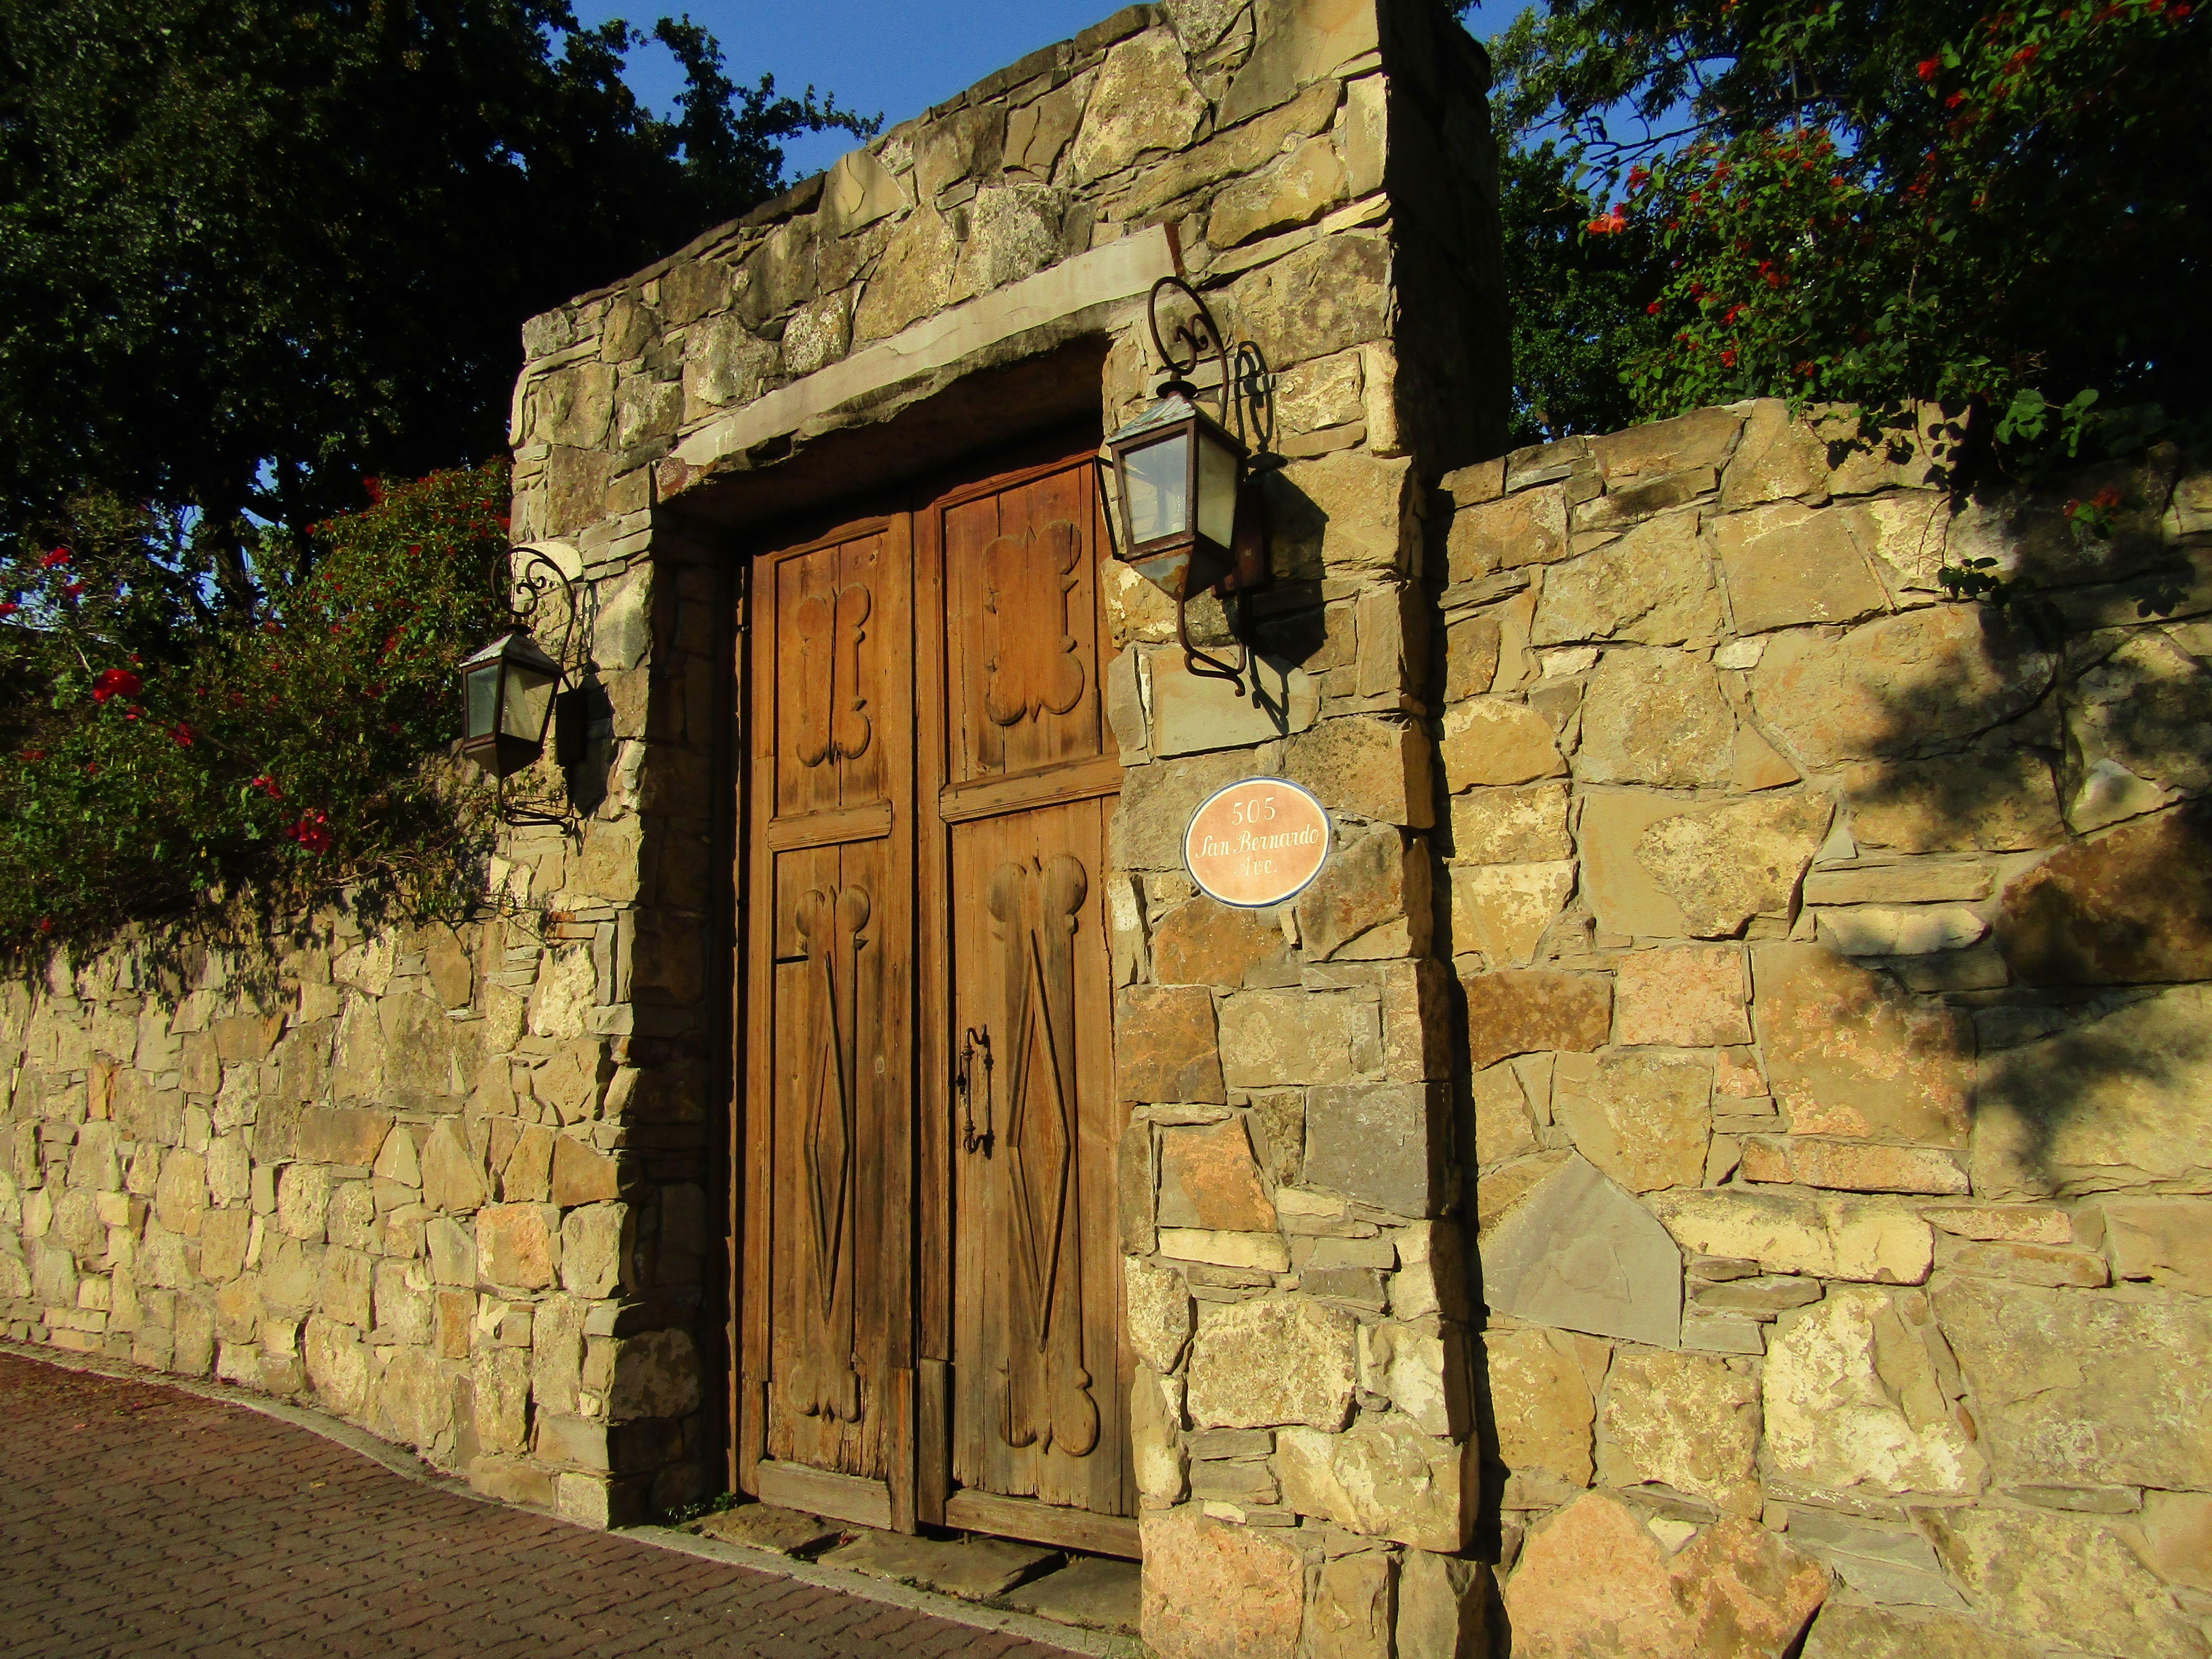 Downtown Laredo Residence Laredo Texas Border Town Safe Cities Laredo Downtown